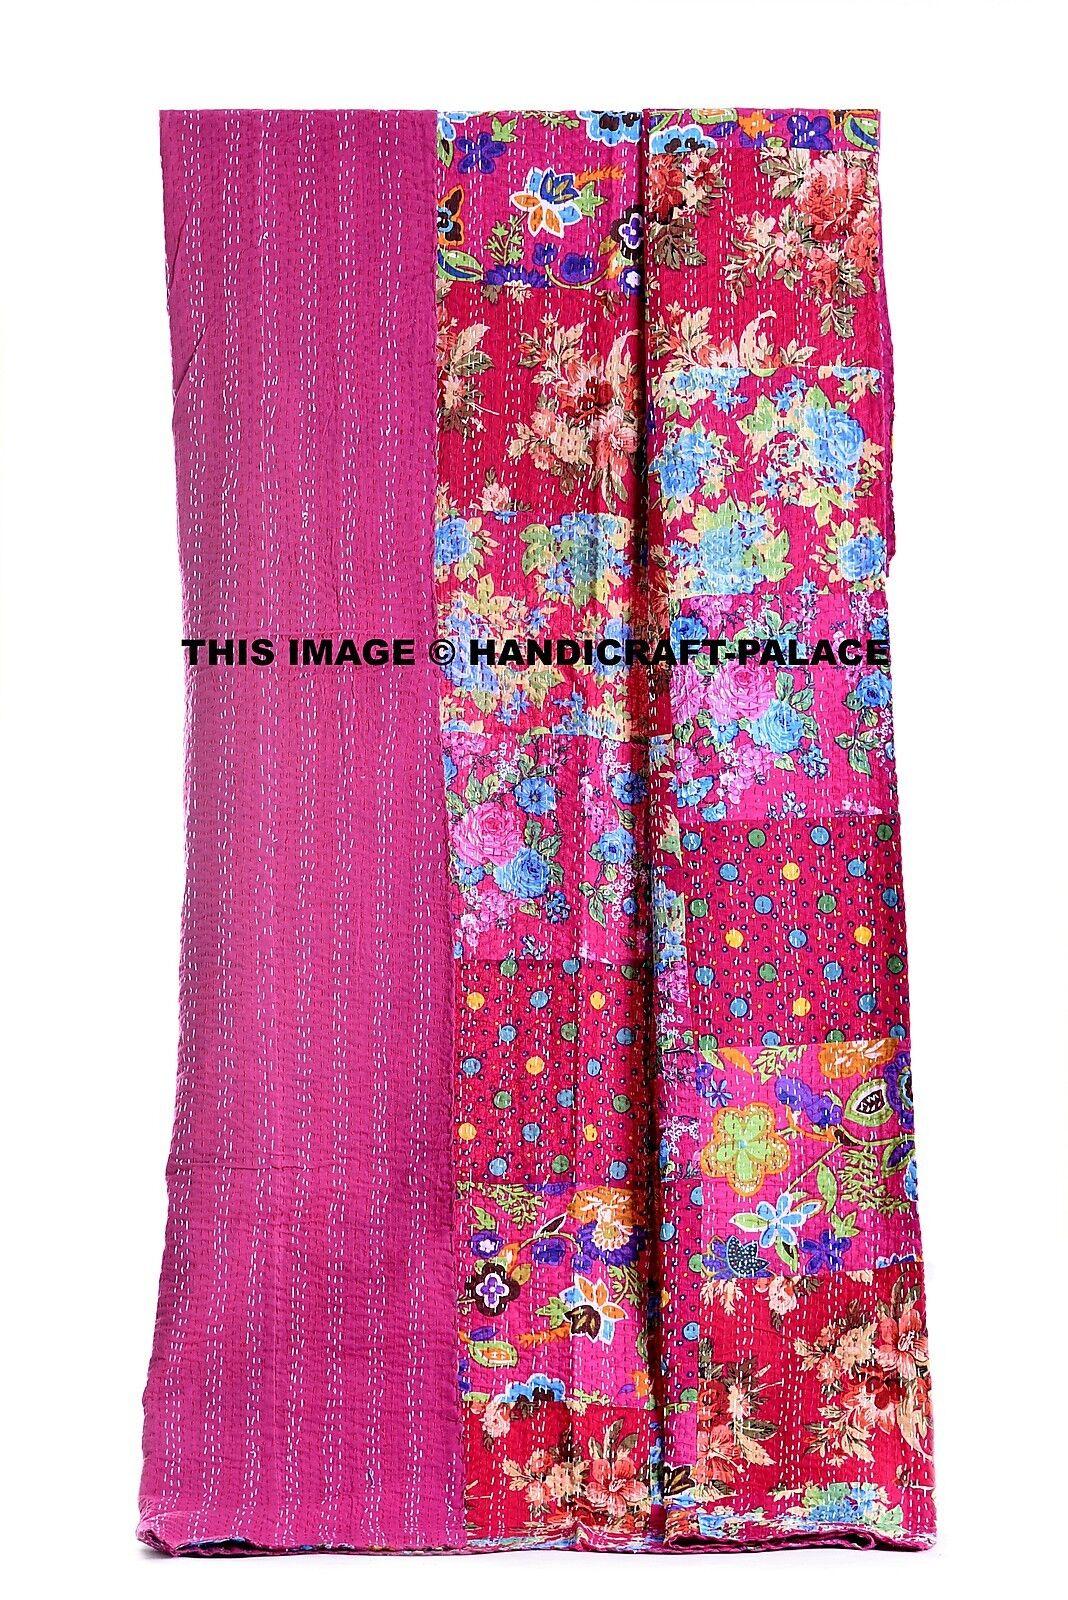 Indian Vintage Floral Print Patchwork Kantha Quilt Pink Bedspread Cotton Blanket